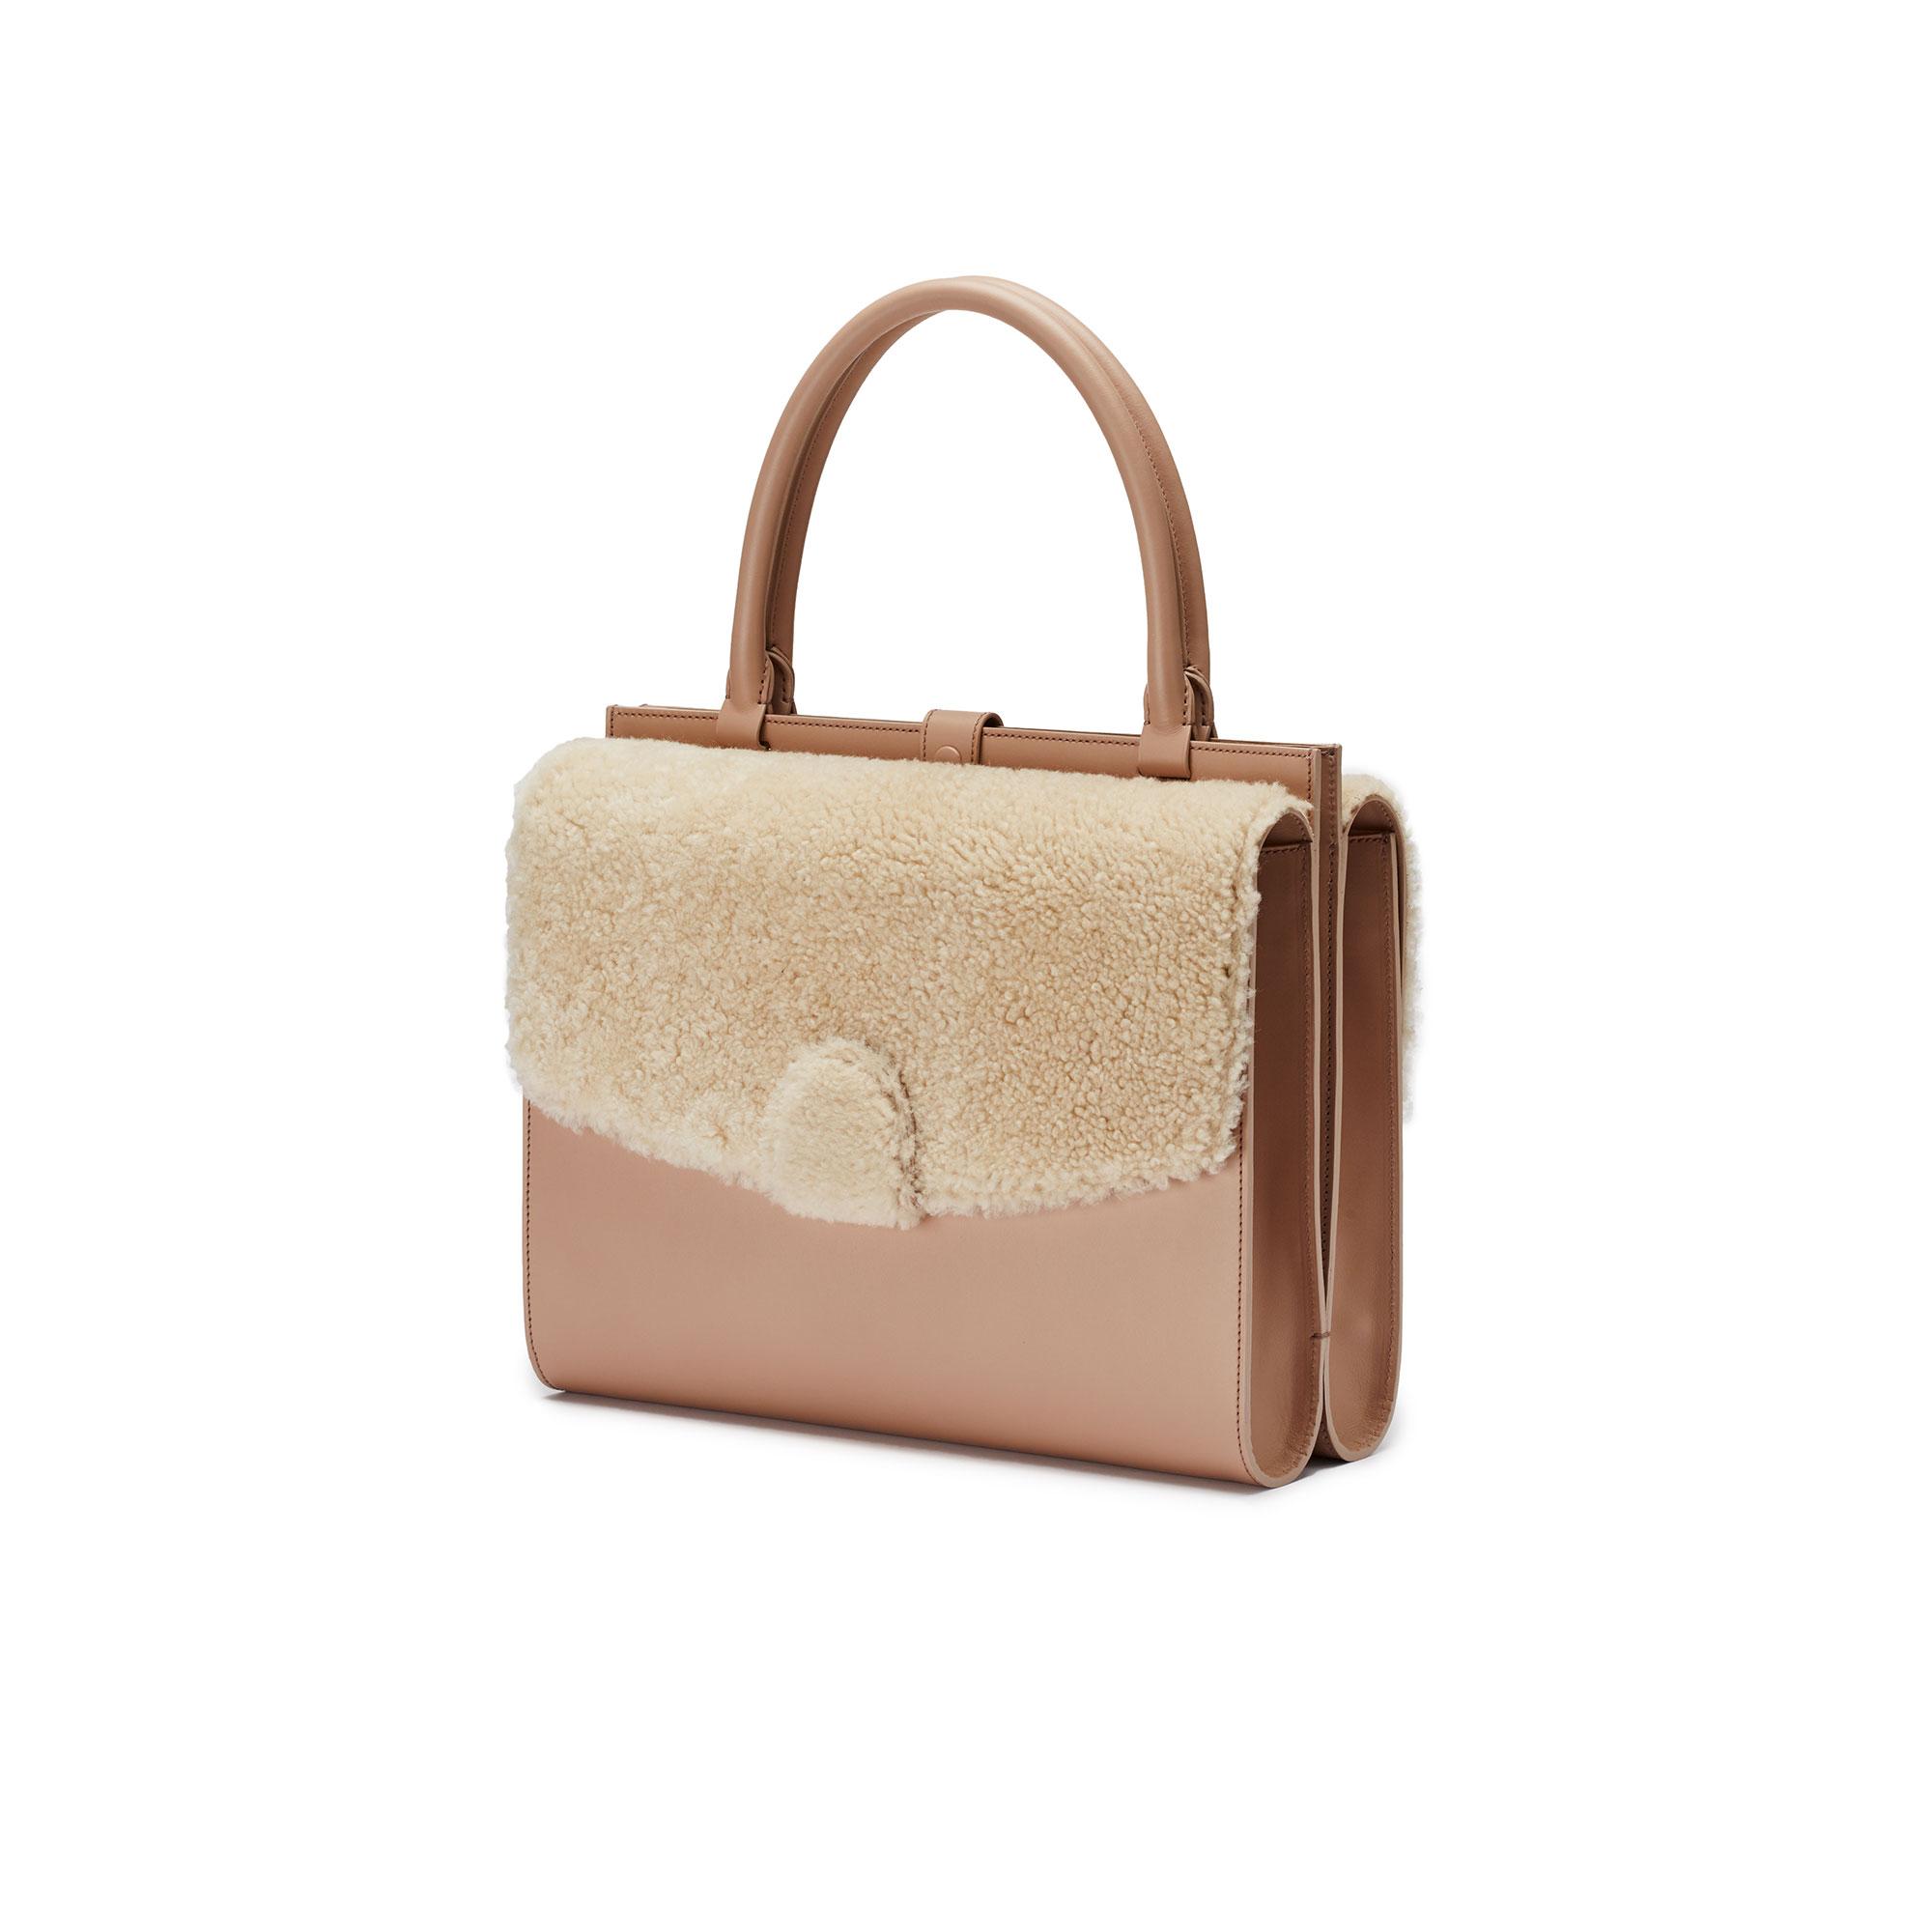 Double-Dafne-nude-rose-shearling-bag-Bertoni-1949_01